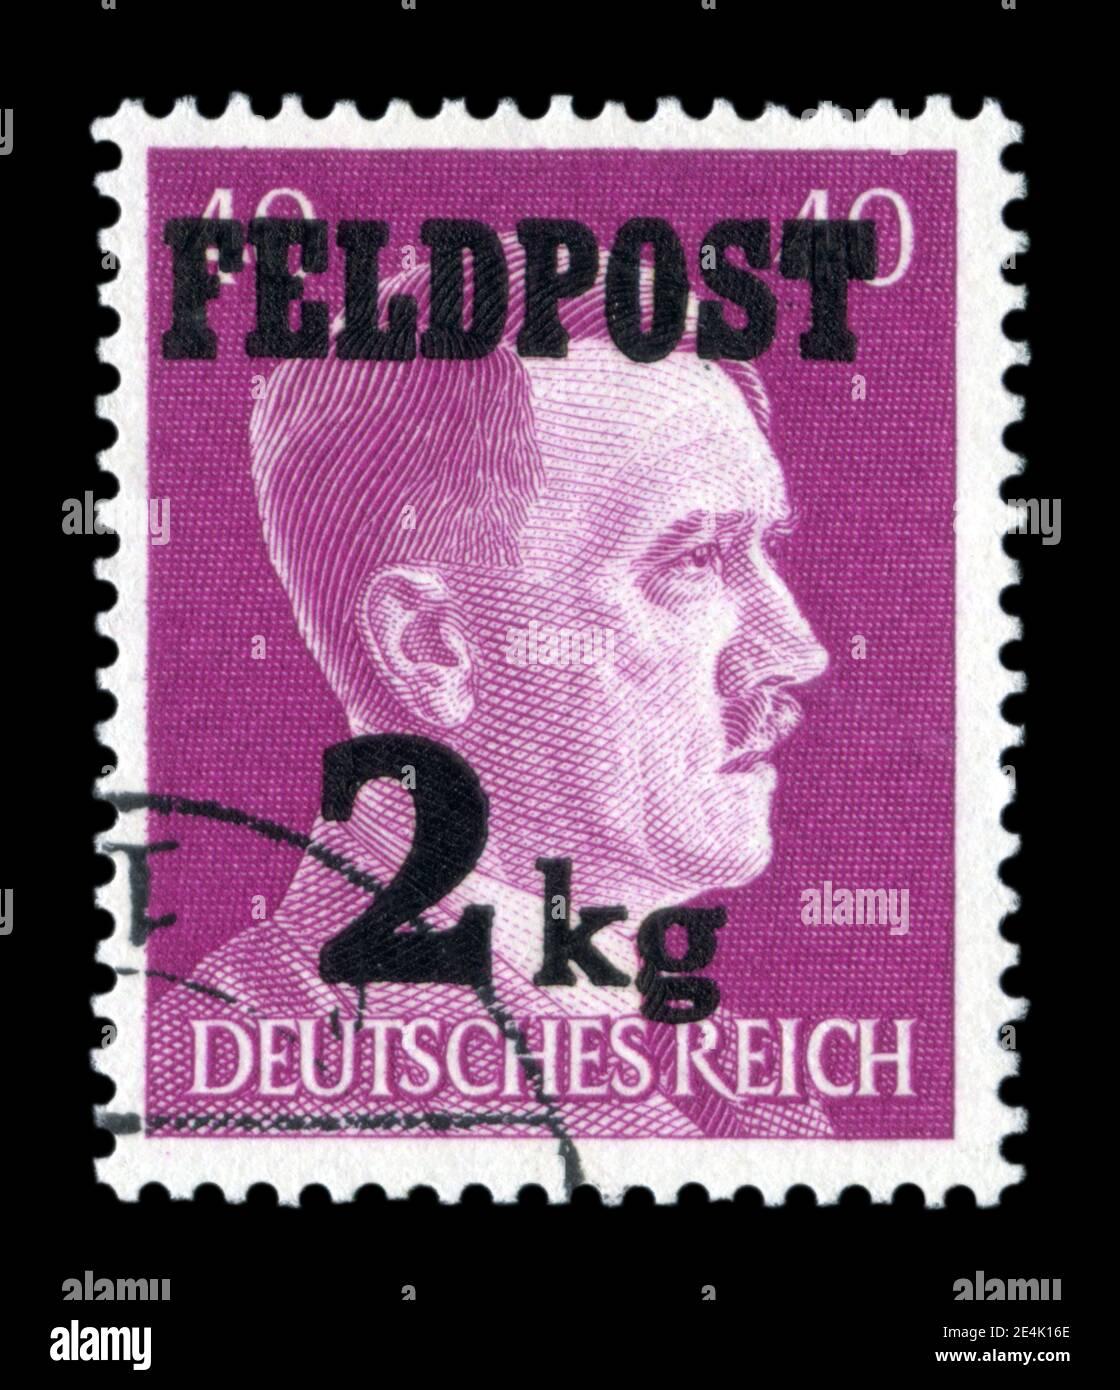 ALLEMAGNE - VERS 1944: Timbre-poste historique allemand: Portrait d'Adolf Hitler, 40 pf, surimpression de «Feldpost 2kg» pour les colis sur le front est Banque D'Images